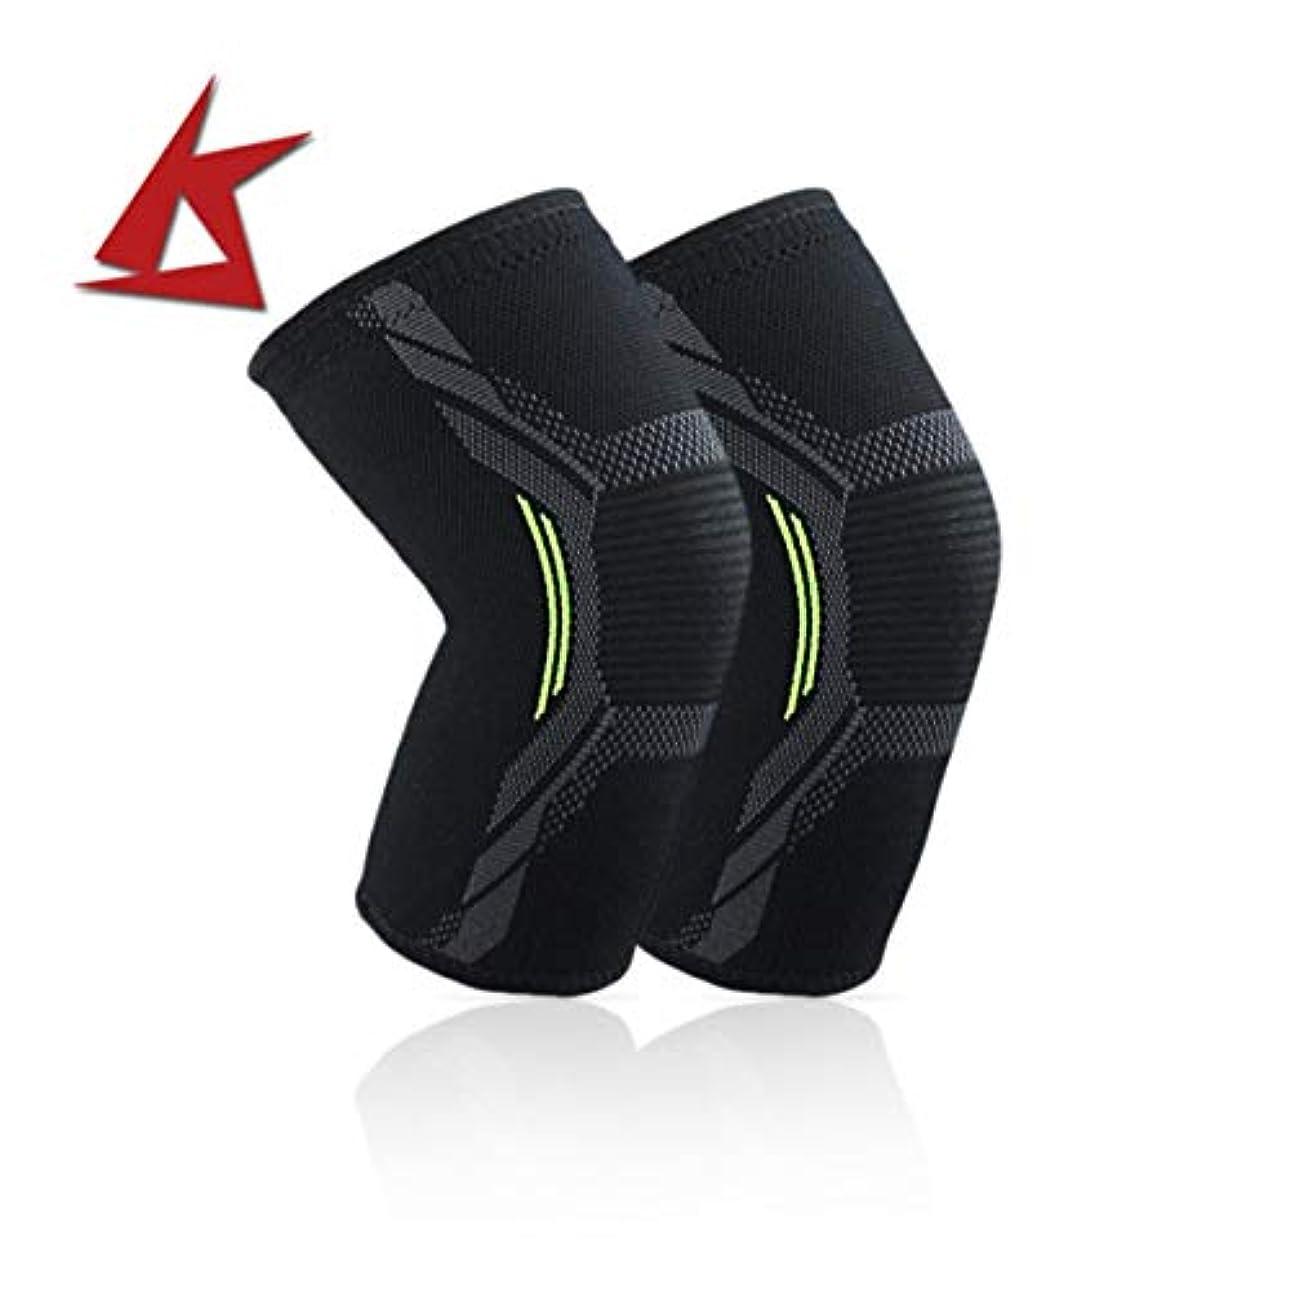 カフェ浸す市長ニット膝パッド耐久性のあるナイロン膝ブレーススポーツ保護パッド超薄型膝サポート安全膝パッド - ブラックL